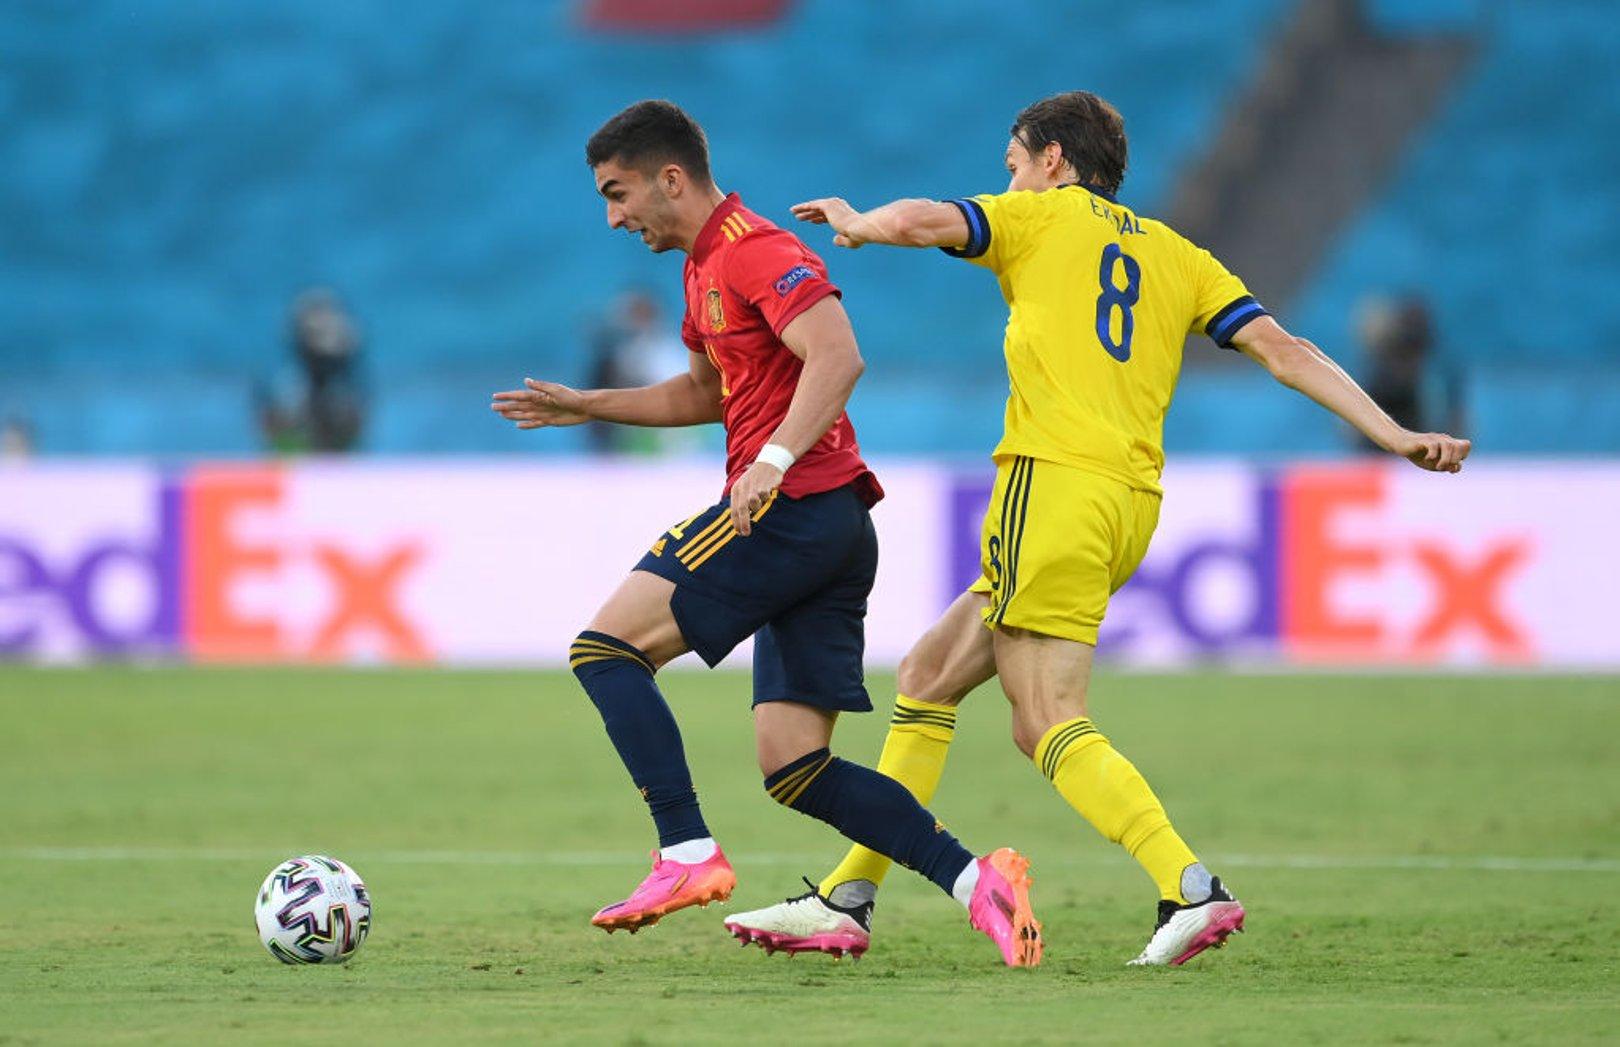 스페인 vs 스웨덴전에서 아쉬운 결과를 가진 CITY 선수들